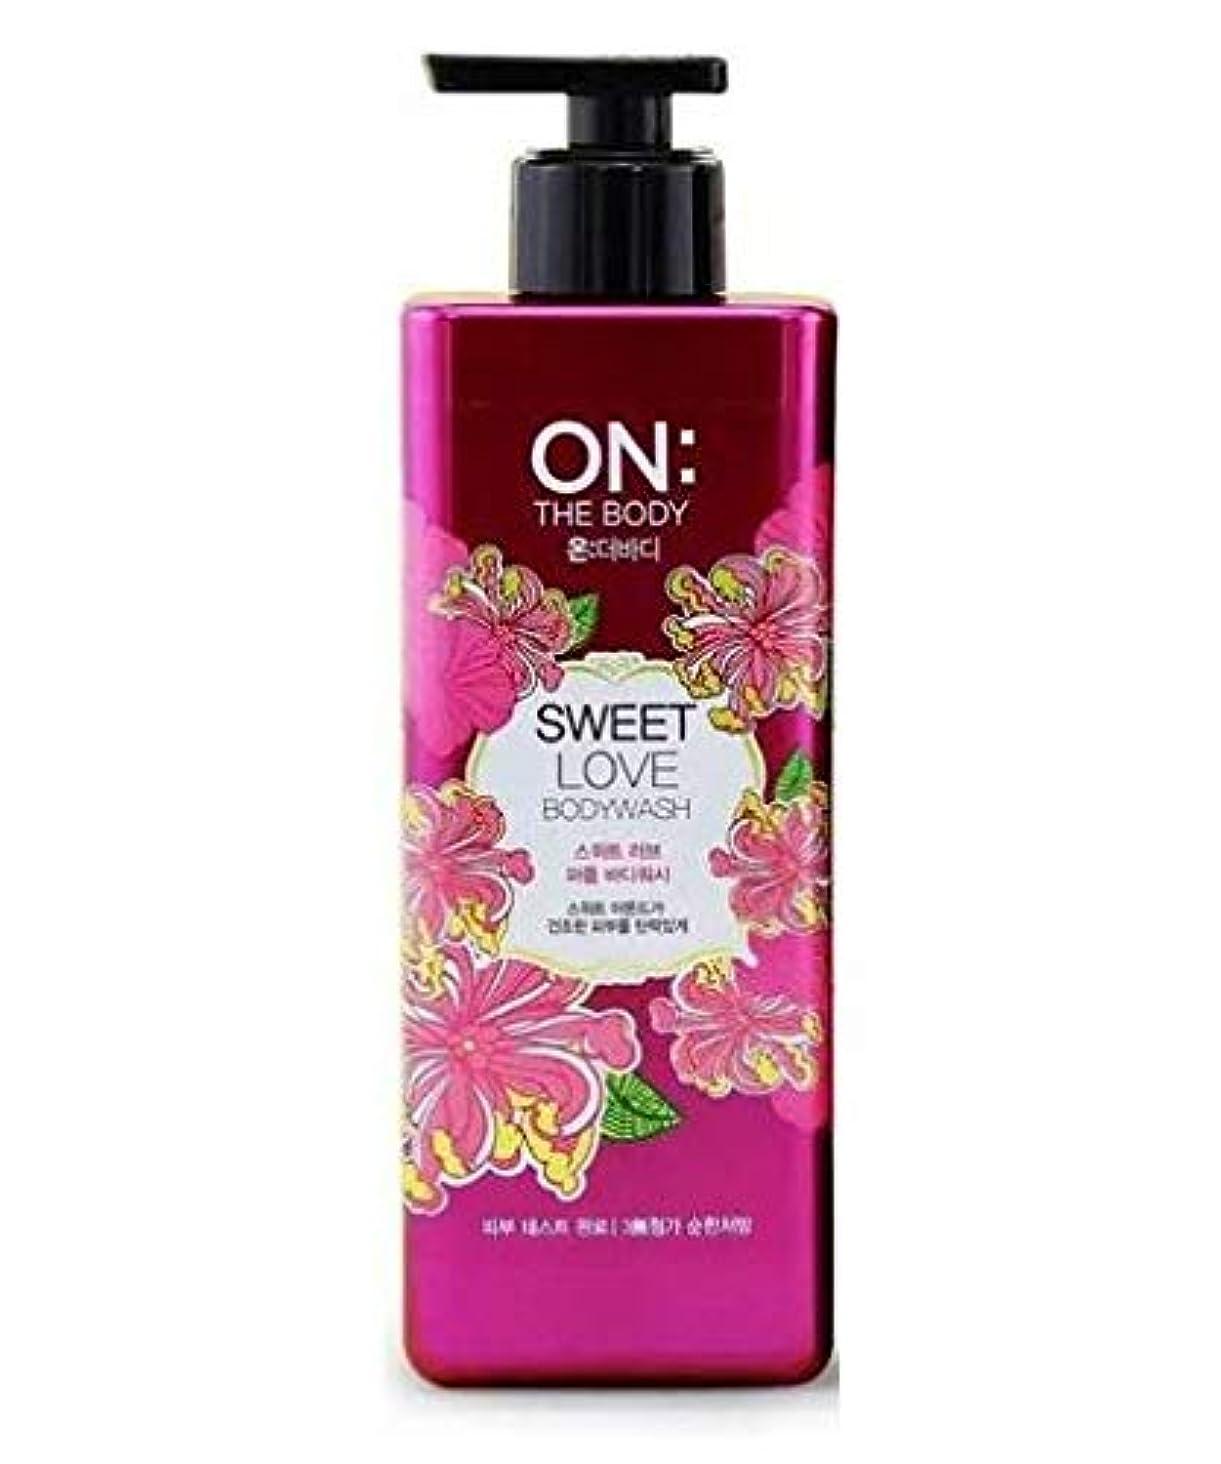 困惑する絶えず緊張ON THE BODY Sweet Love Body Wash 500g/17.6oz